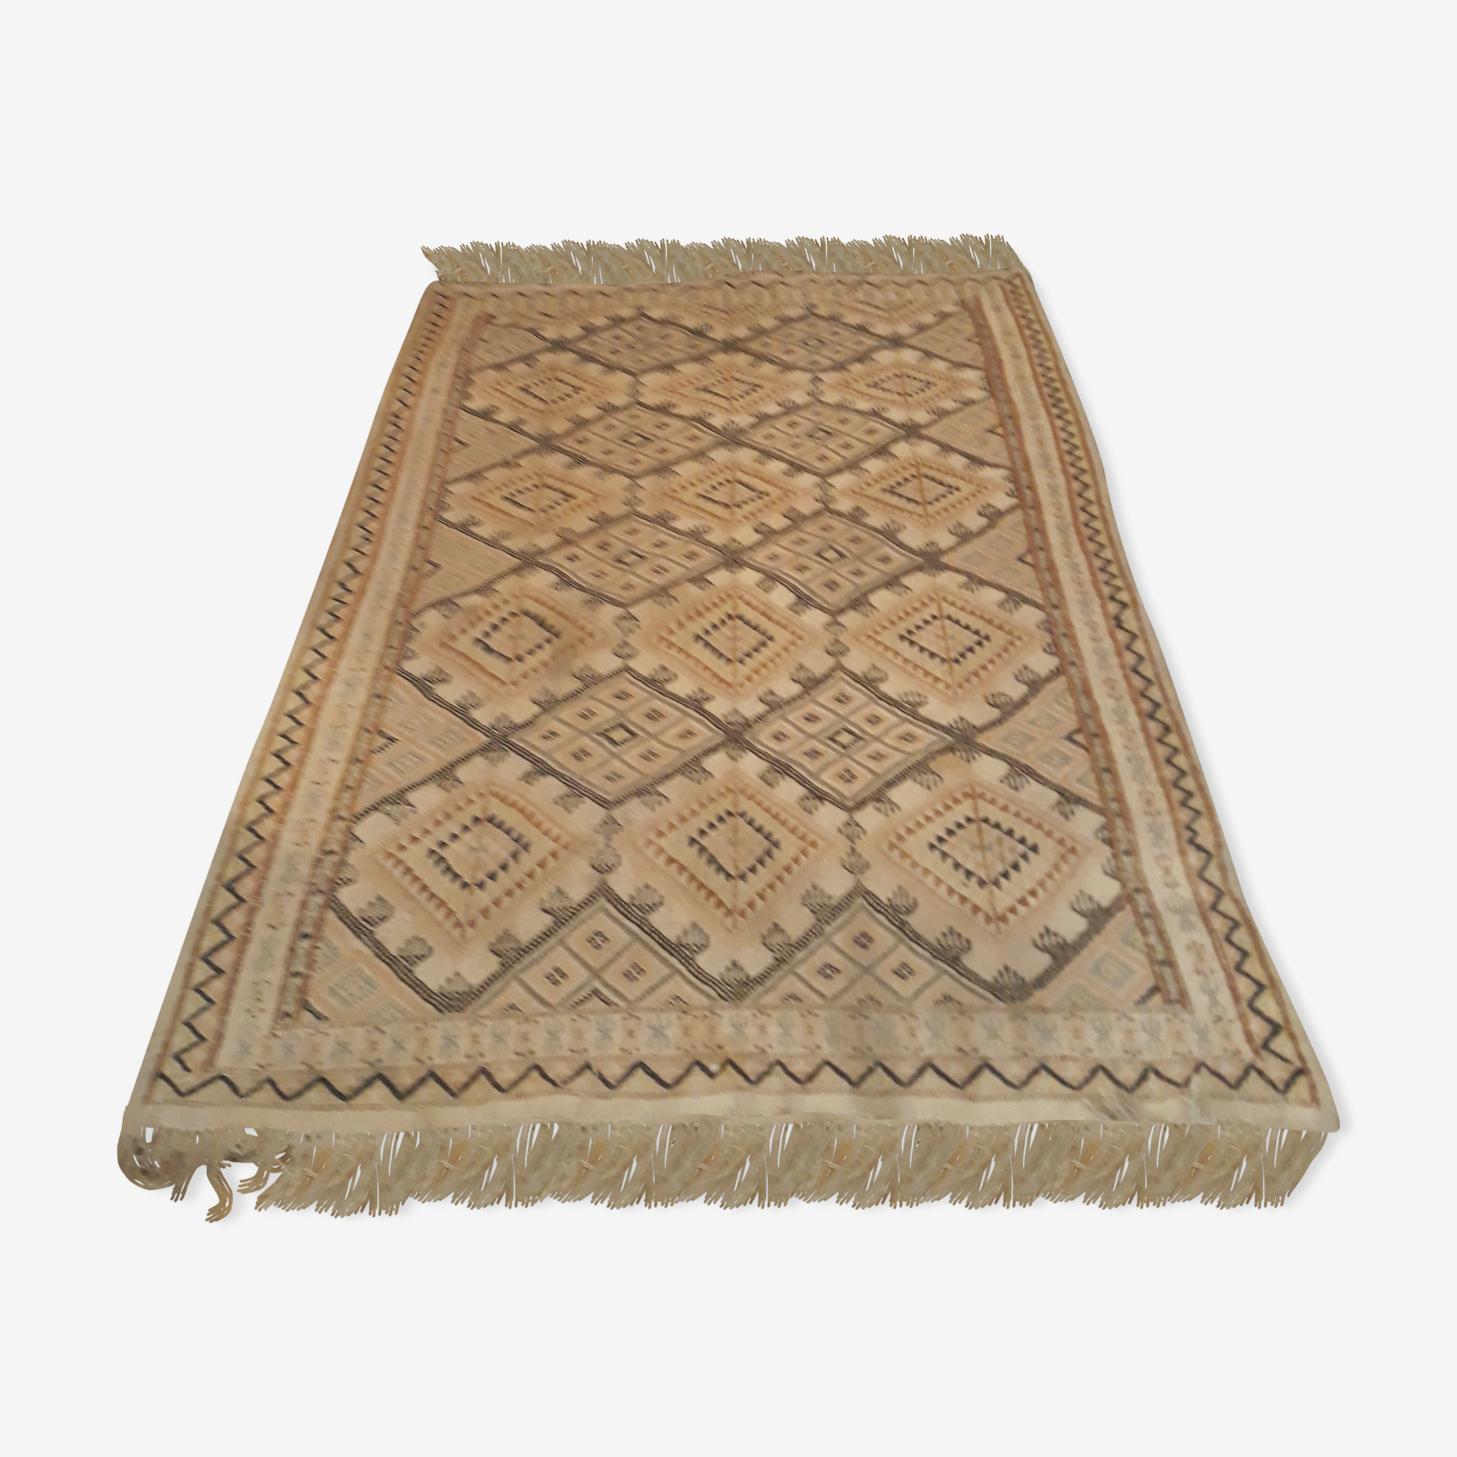 Tapis killim marocain 220x130cm